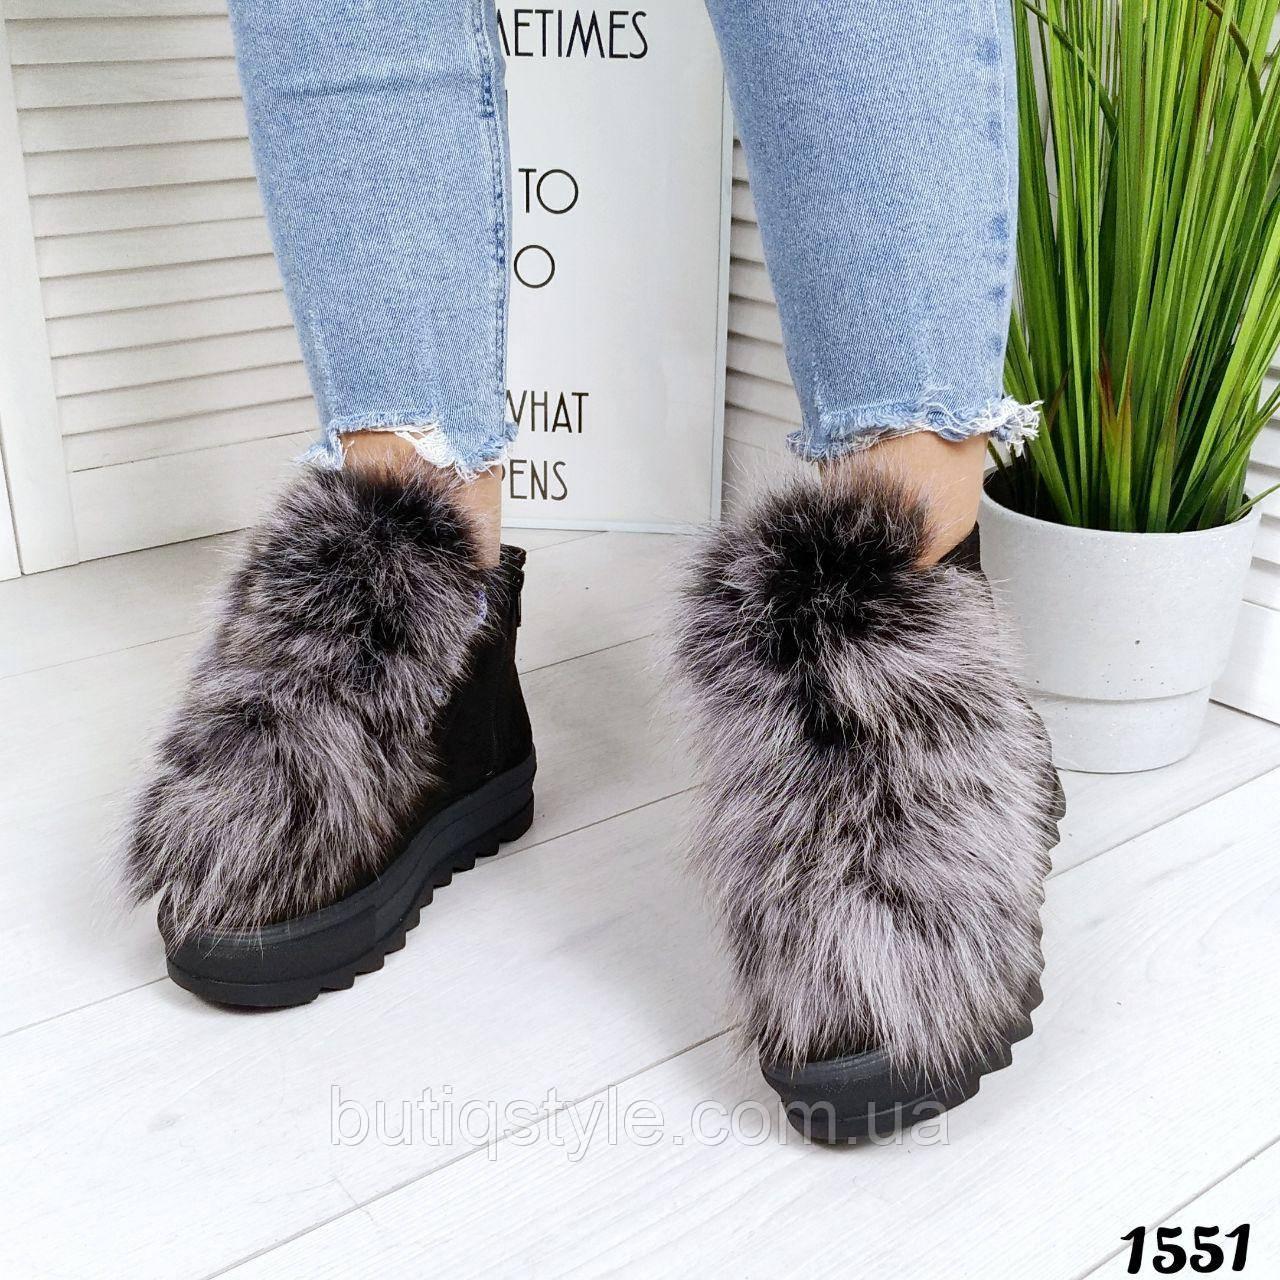 Зимние женские ботинки черные натуральная замша с опушкой песца